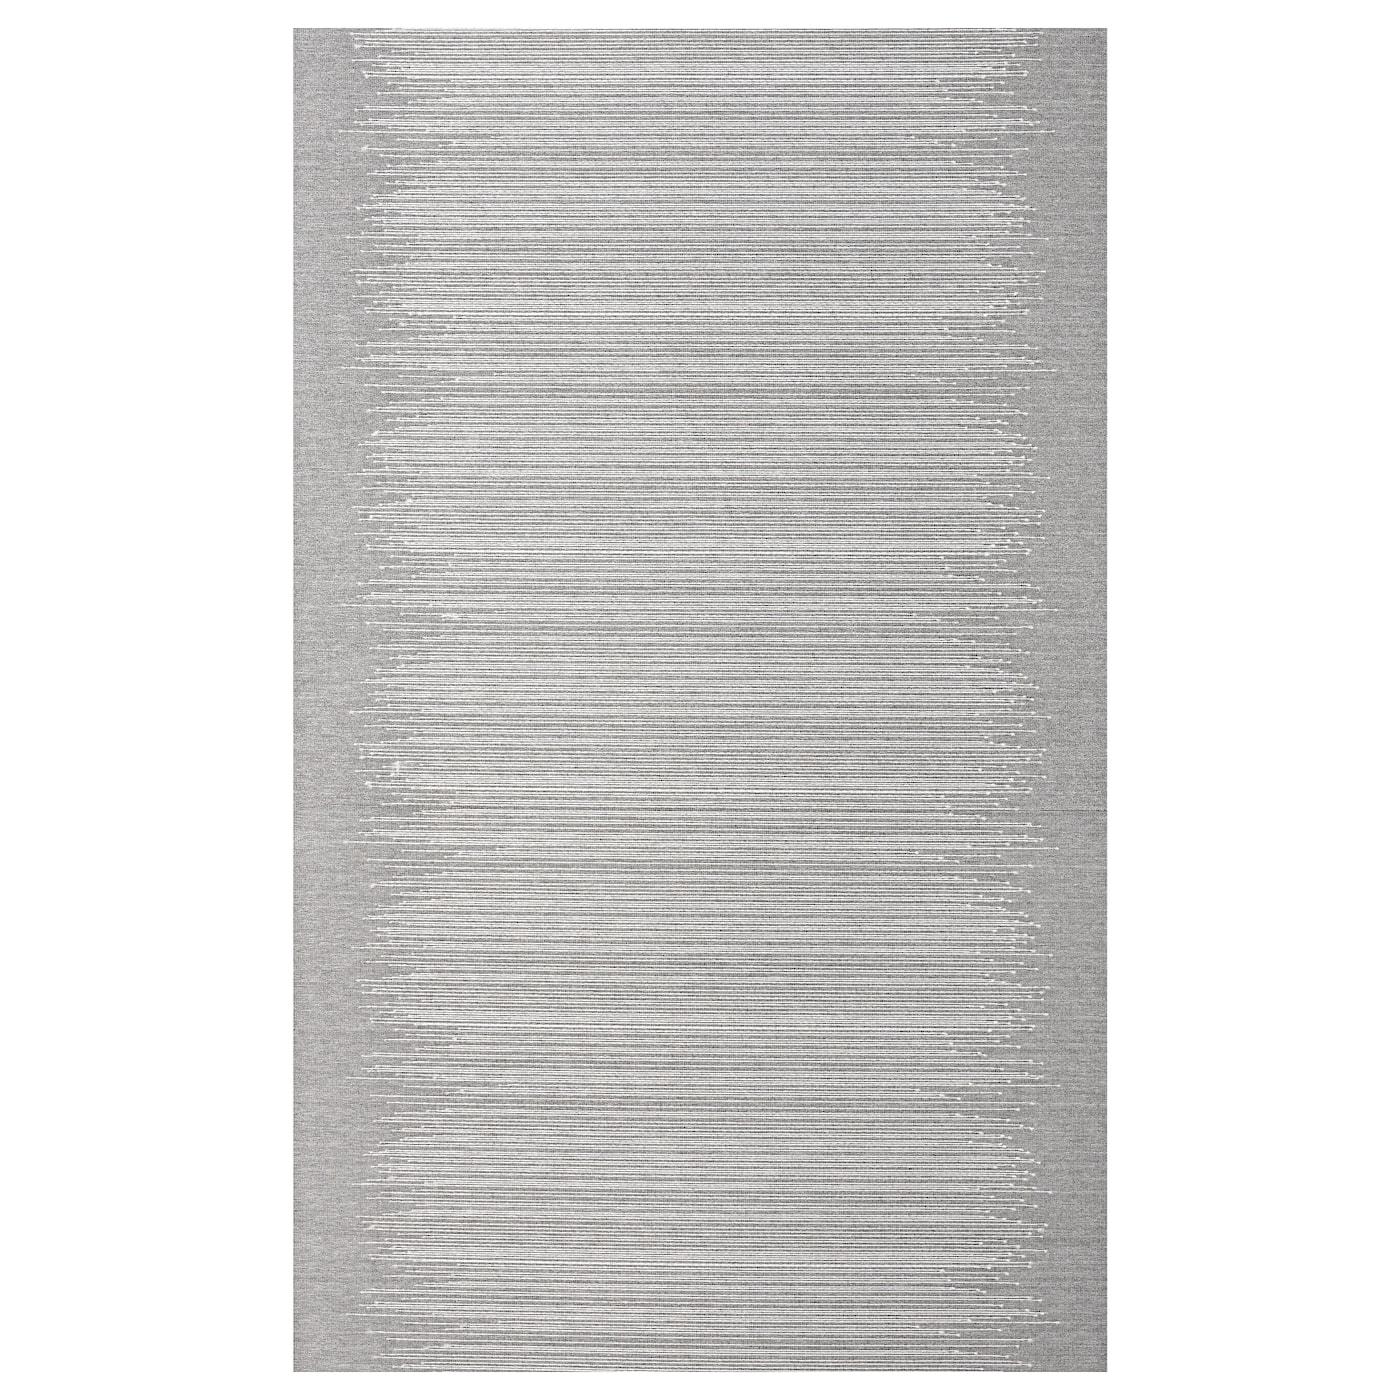 vattenax paneelgordijn grijs wit 60 x 300 cm ikea. Black Bedroom Furniture Sets. Home Design Ideas